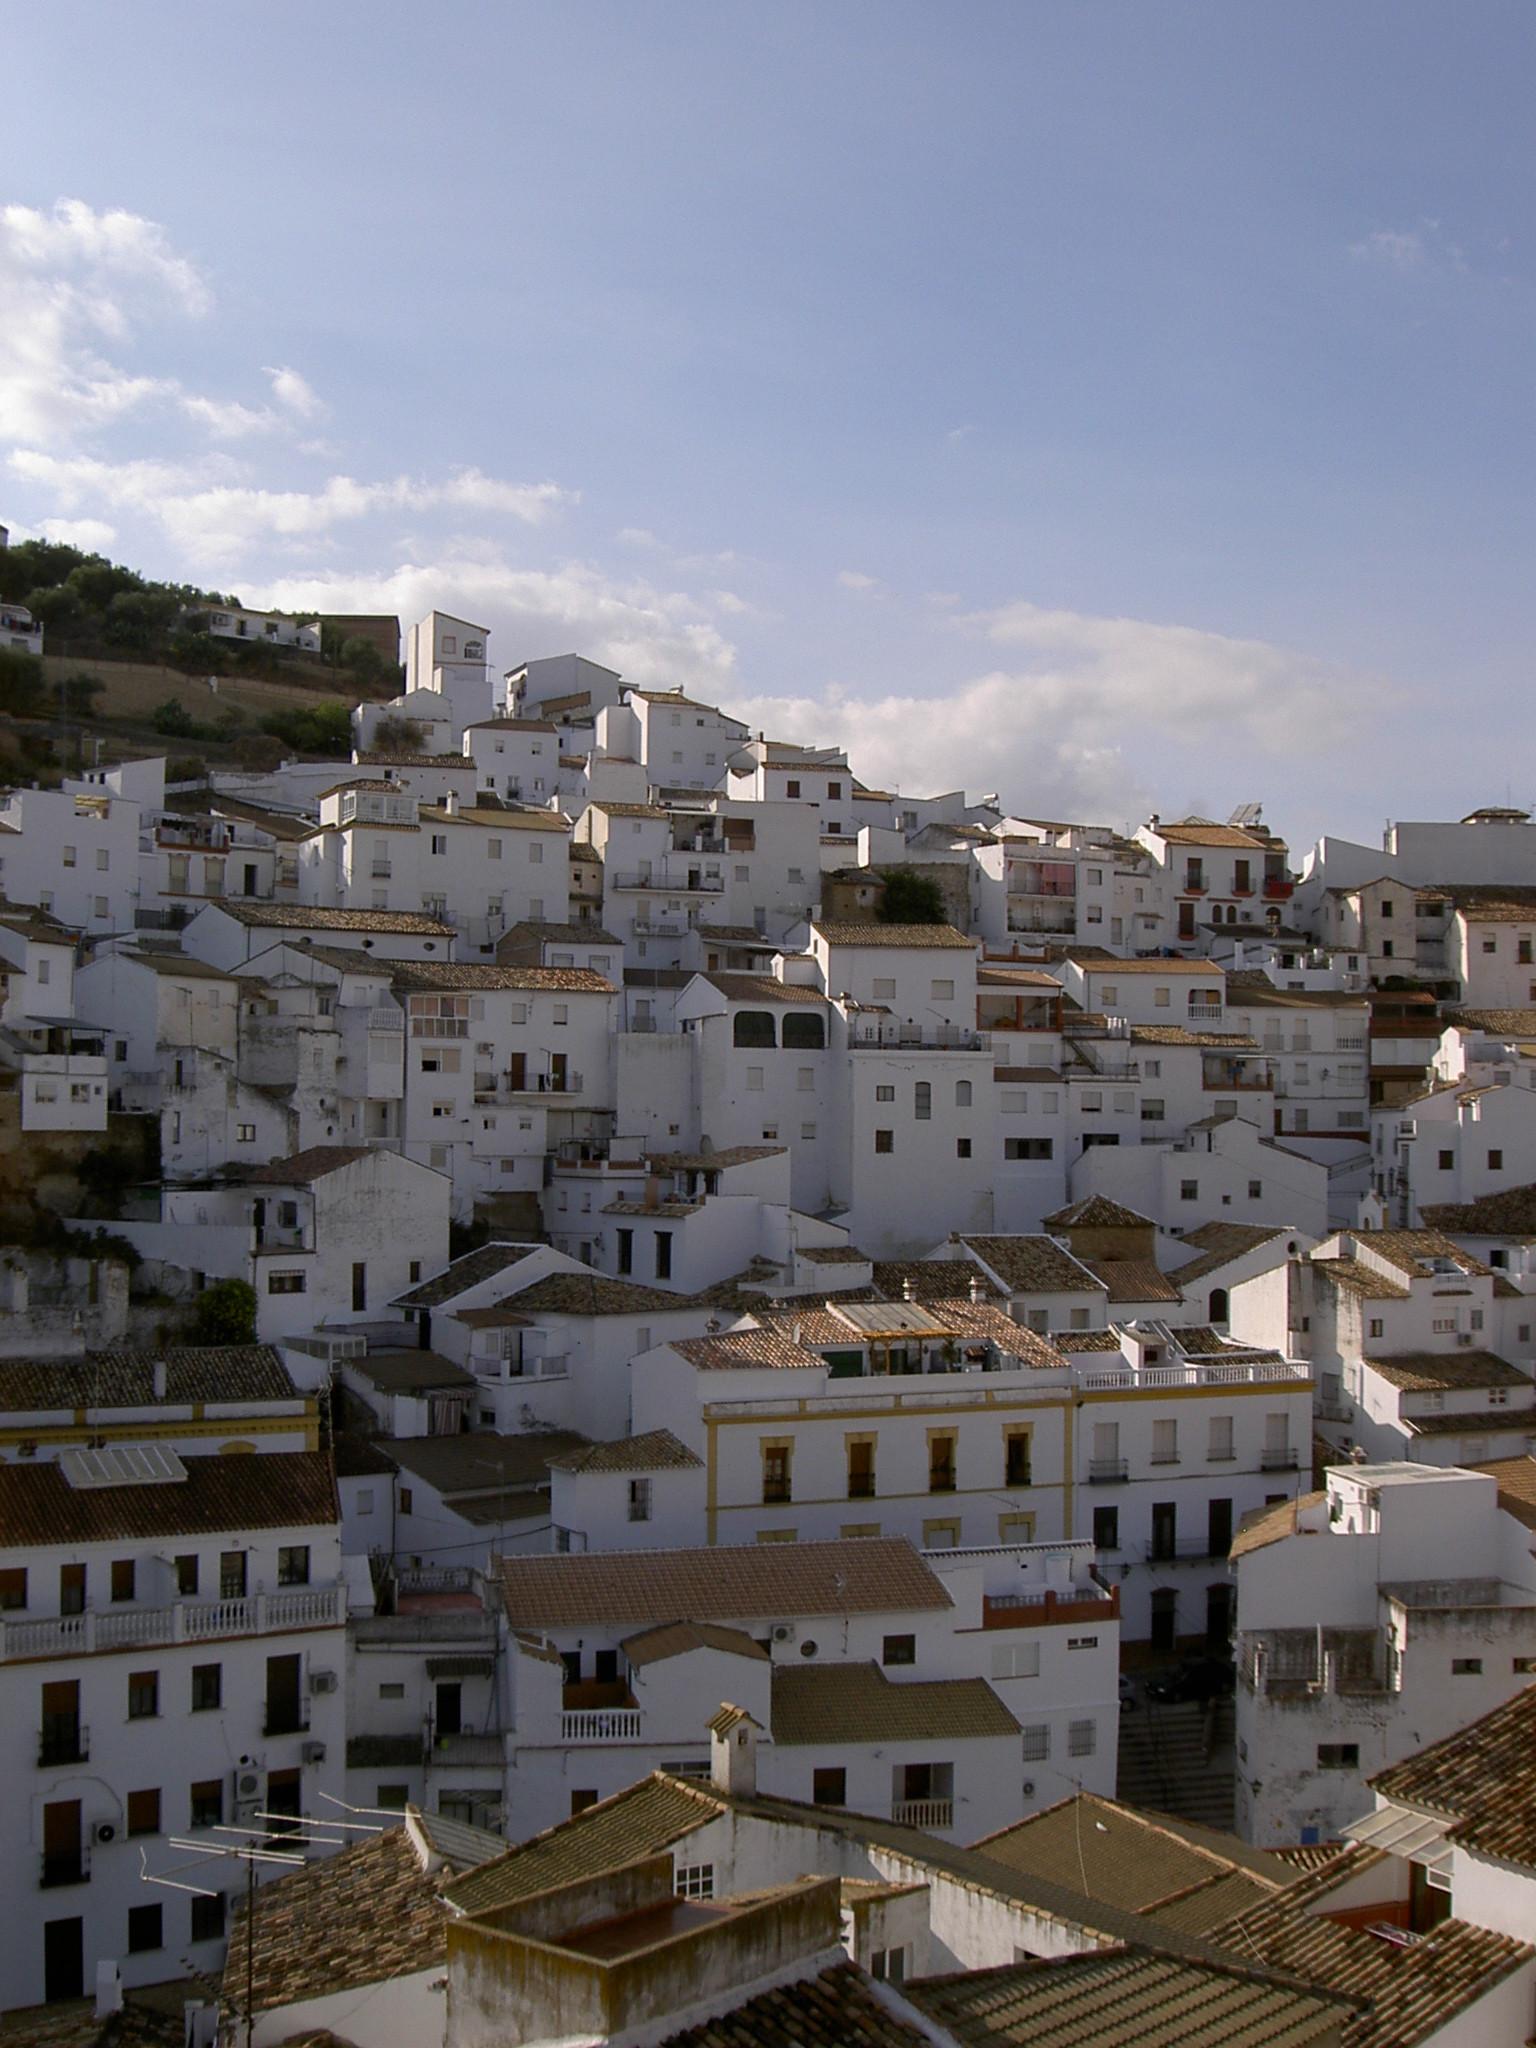 8. Setenil de las Bodegas - Living Under a Rock: Setenil de las Bodegas, Cádiz